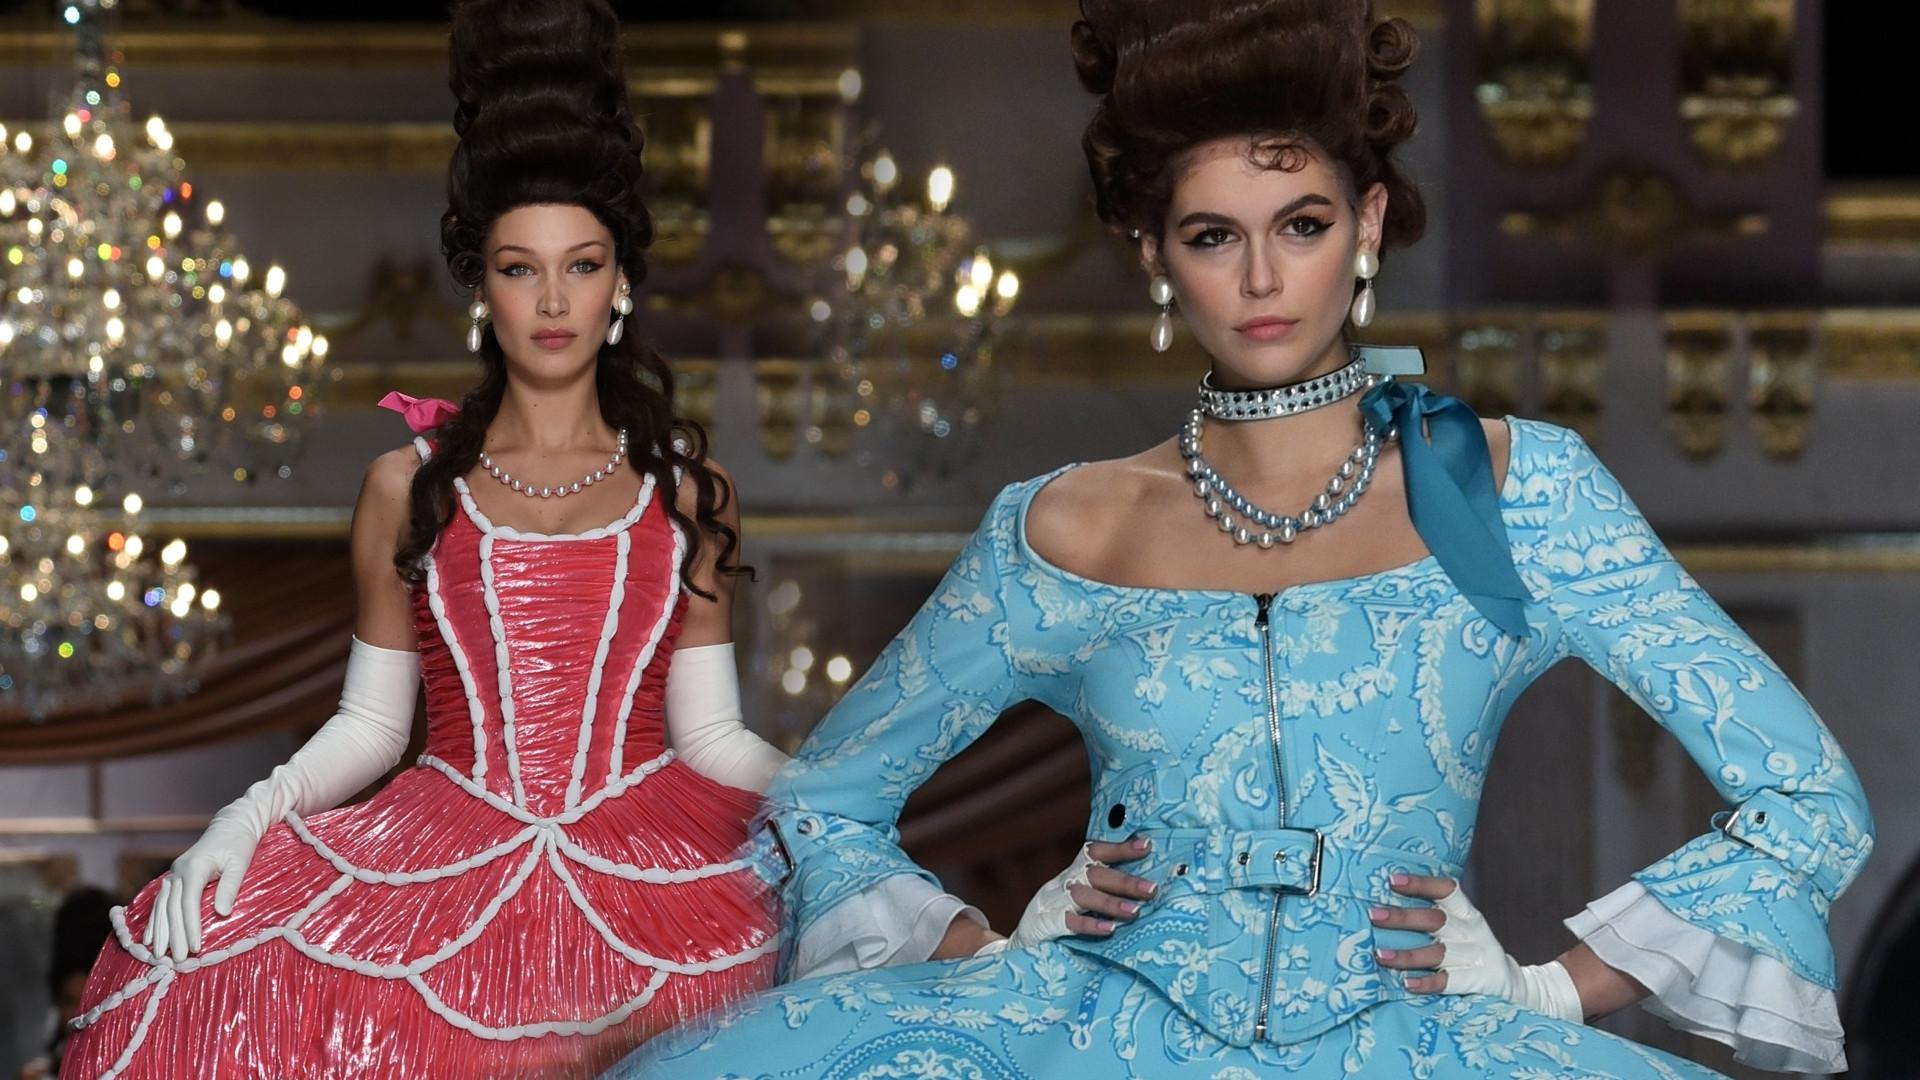 Bella i Gigi Hadidi, Kaia Gerber w NIETYPOWYCH kreacjach i fryzurach na pokazie Moschino (ZDJĘCIA)